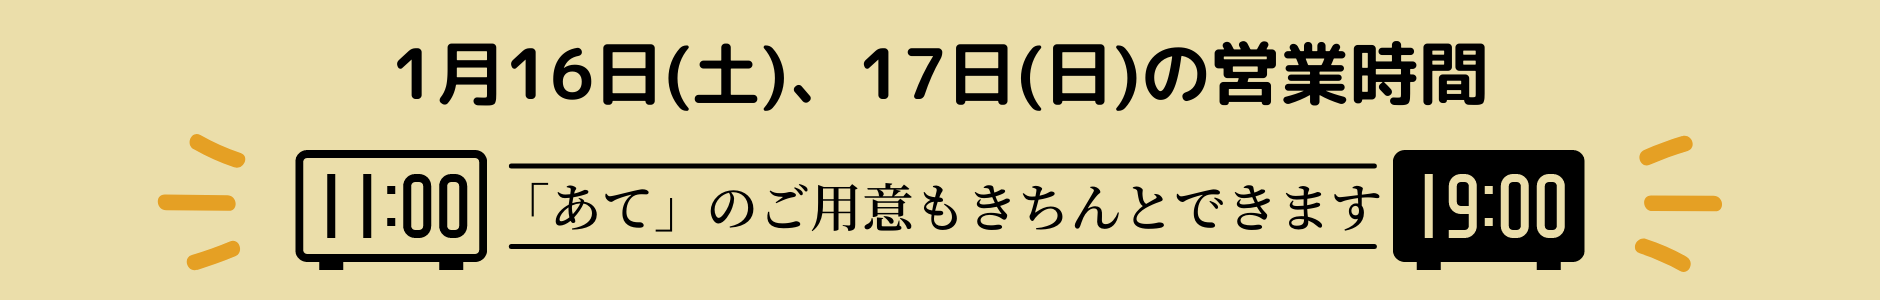 1月16日(土)、17日(日)の営業時間